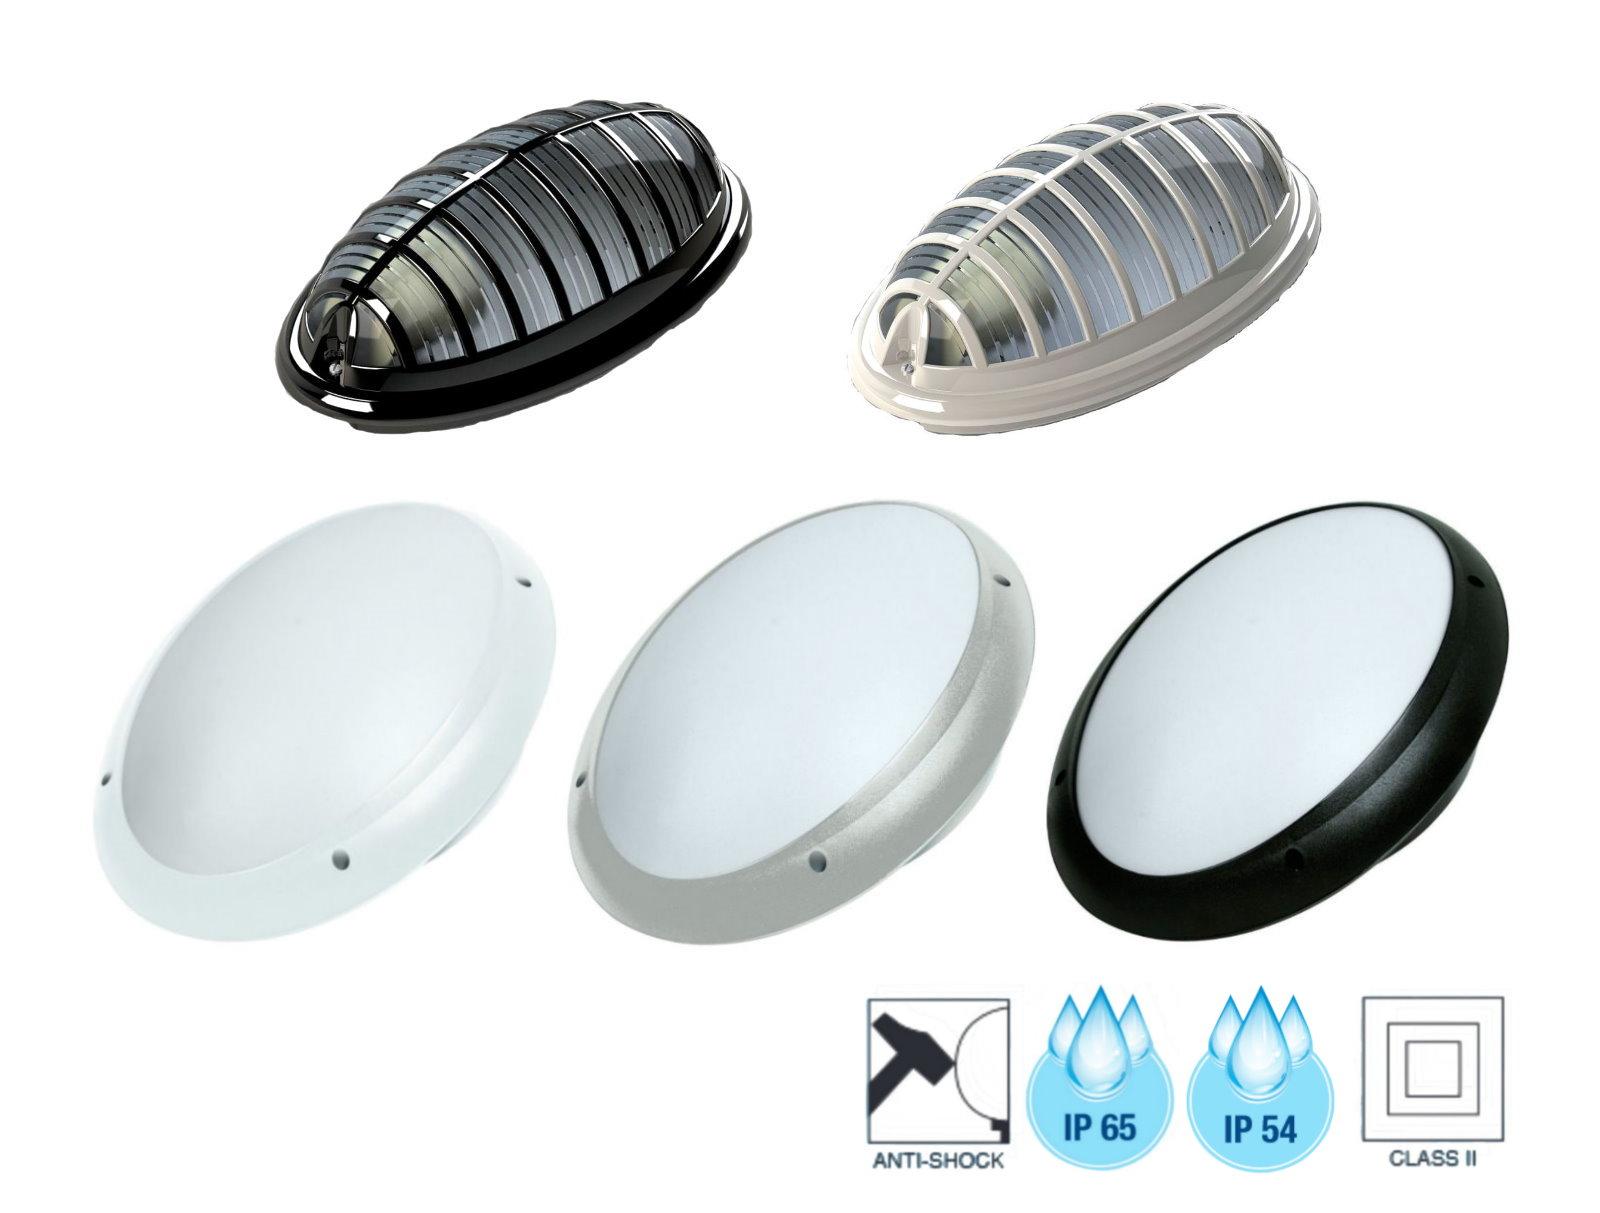 led deckenlampe bewegungsmelder 360 ip44 sensorleuchte feuchtraum aussen bad ebay. Black Bedroom Furniture Sets. Home Design Ideas